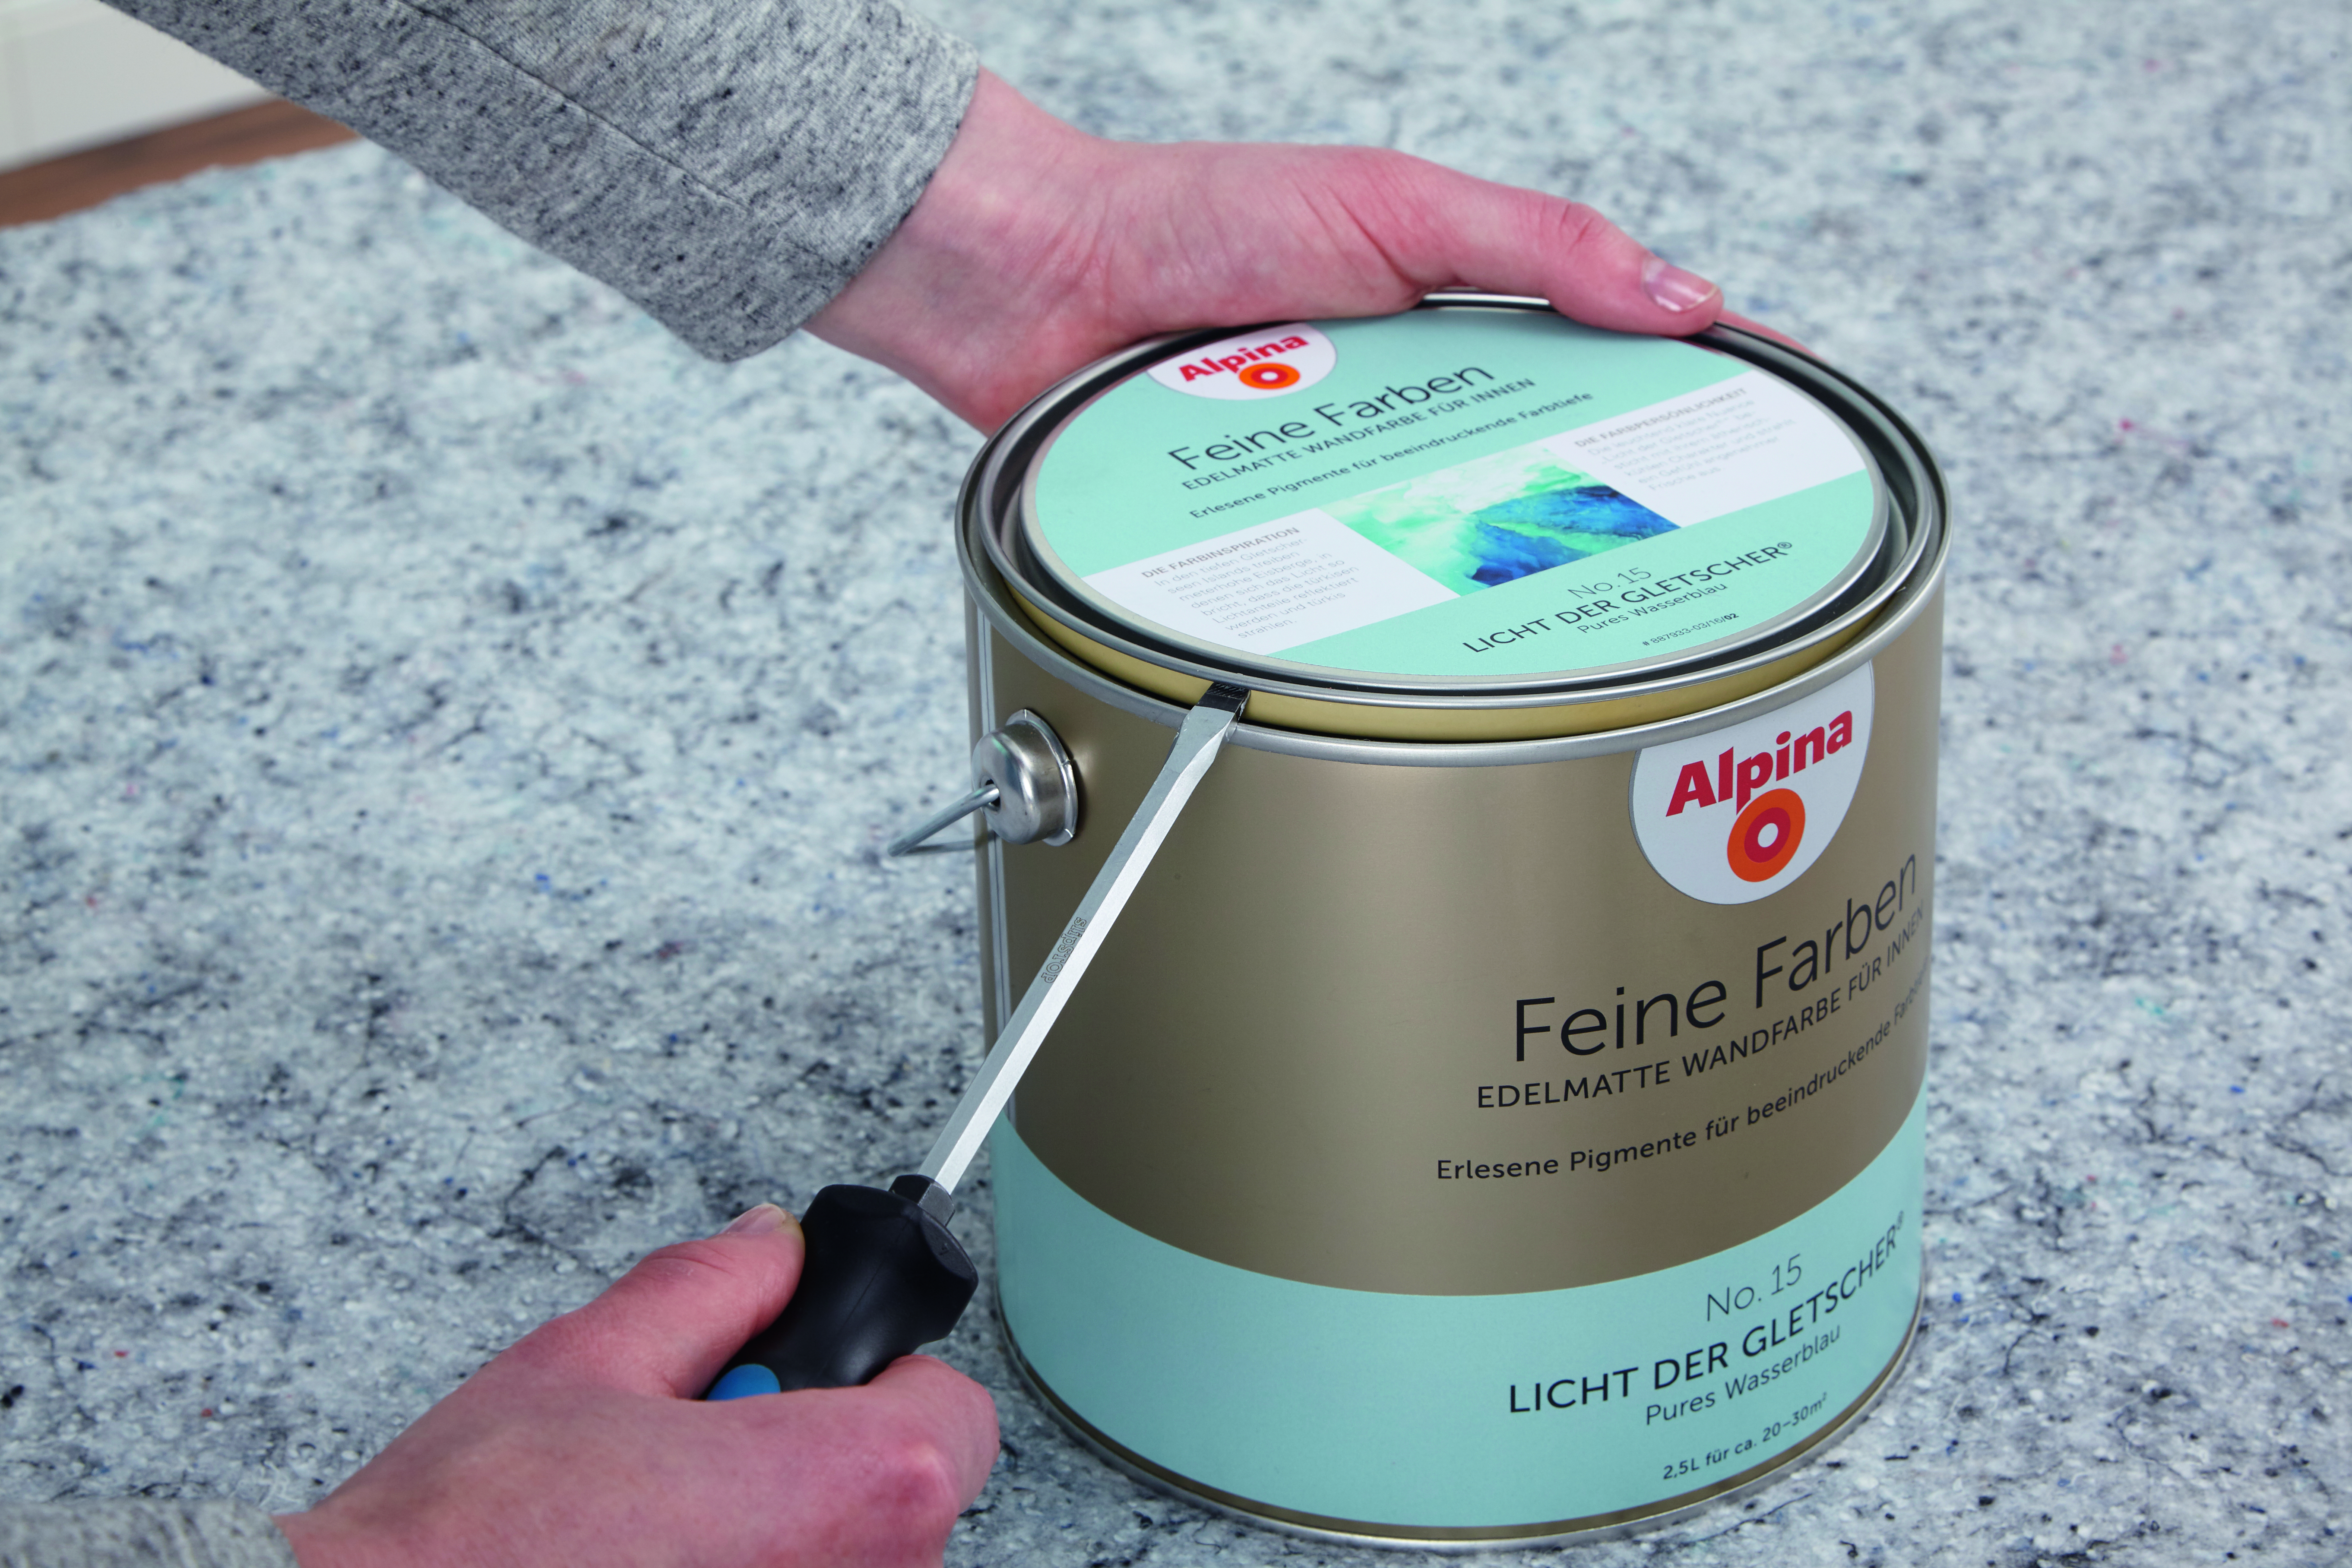 GroB Wenn Die Zuerst Aufgetragene Farbe Auf Der Wand Komplett Durchgetrocknet  Ist, Wird Die Zweite Farbe Vorbereitet. Den Deckel Der Farbdose (Alpina  Feine ...